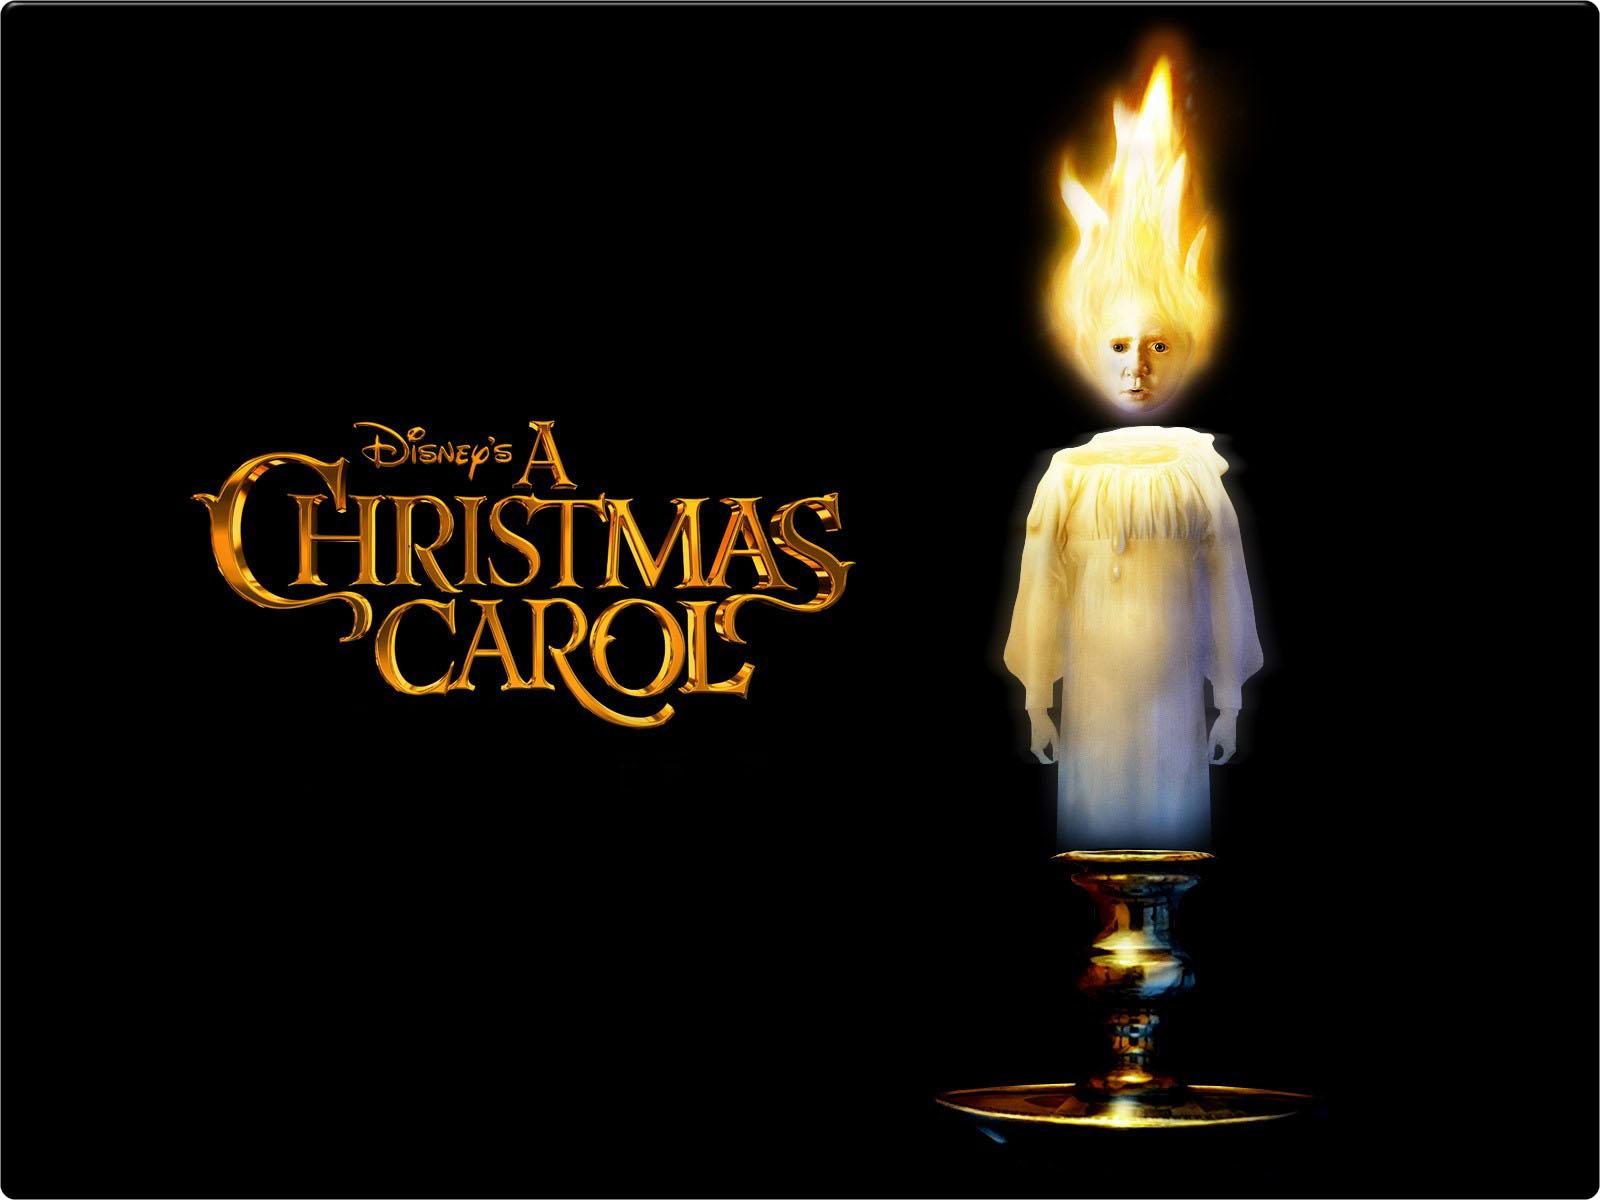 A Christmas Carol Quotes. QuotesGram